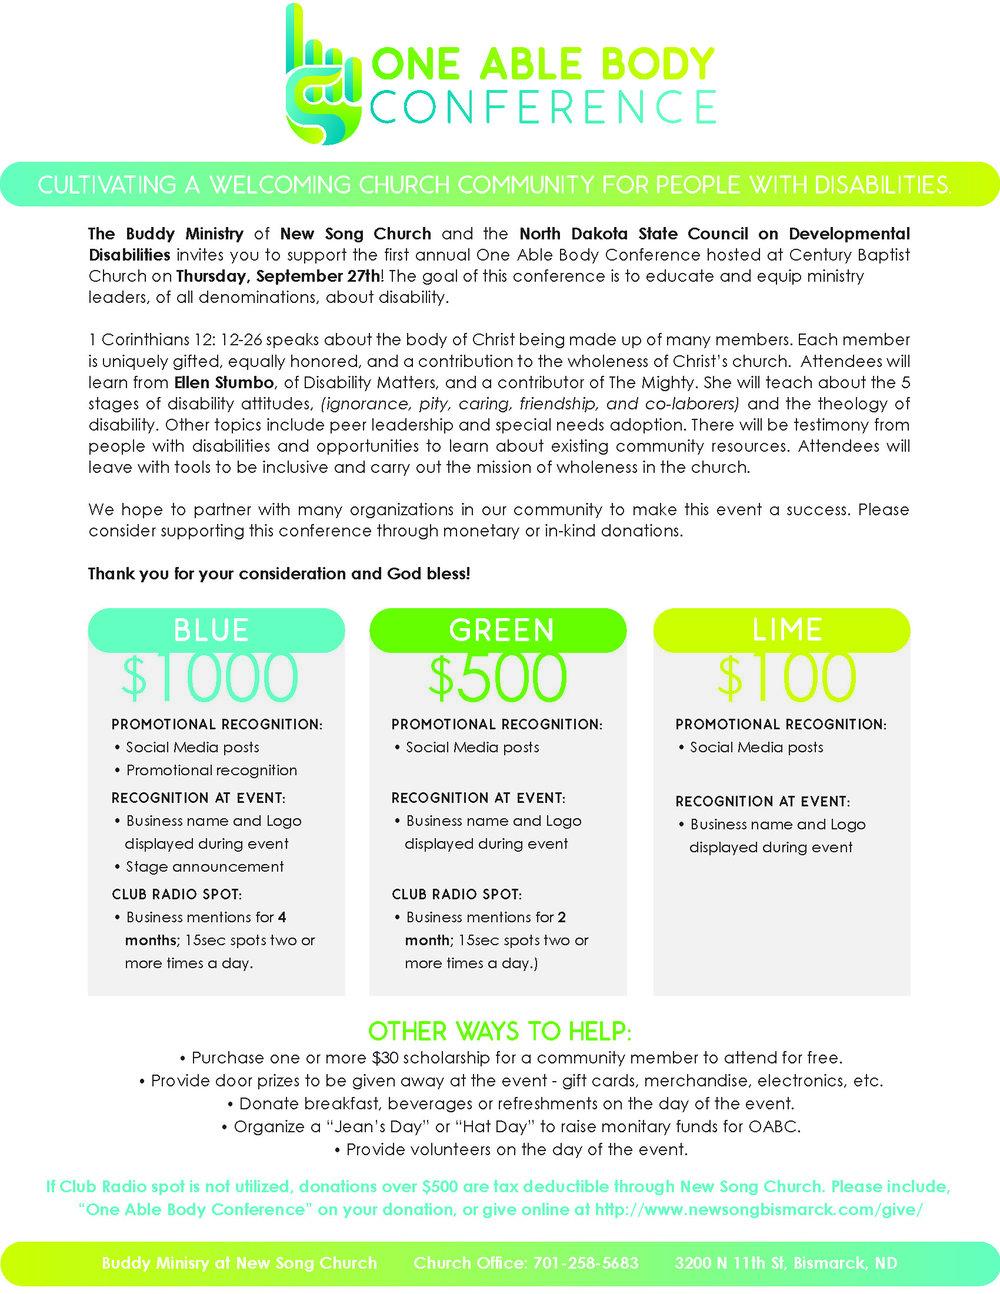 OABC Sponsorship Guide.jpg